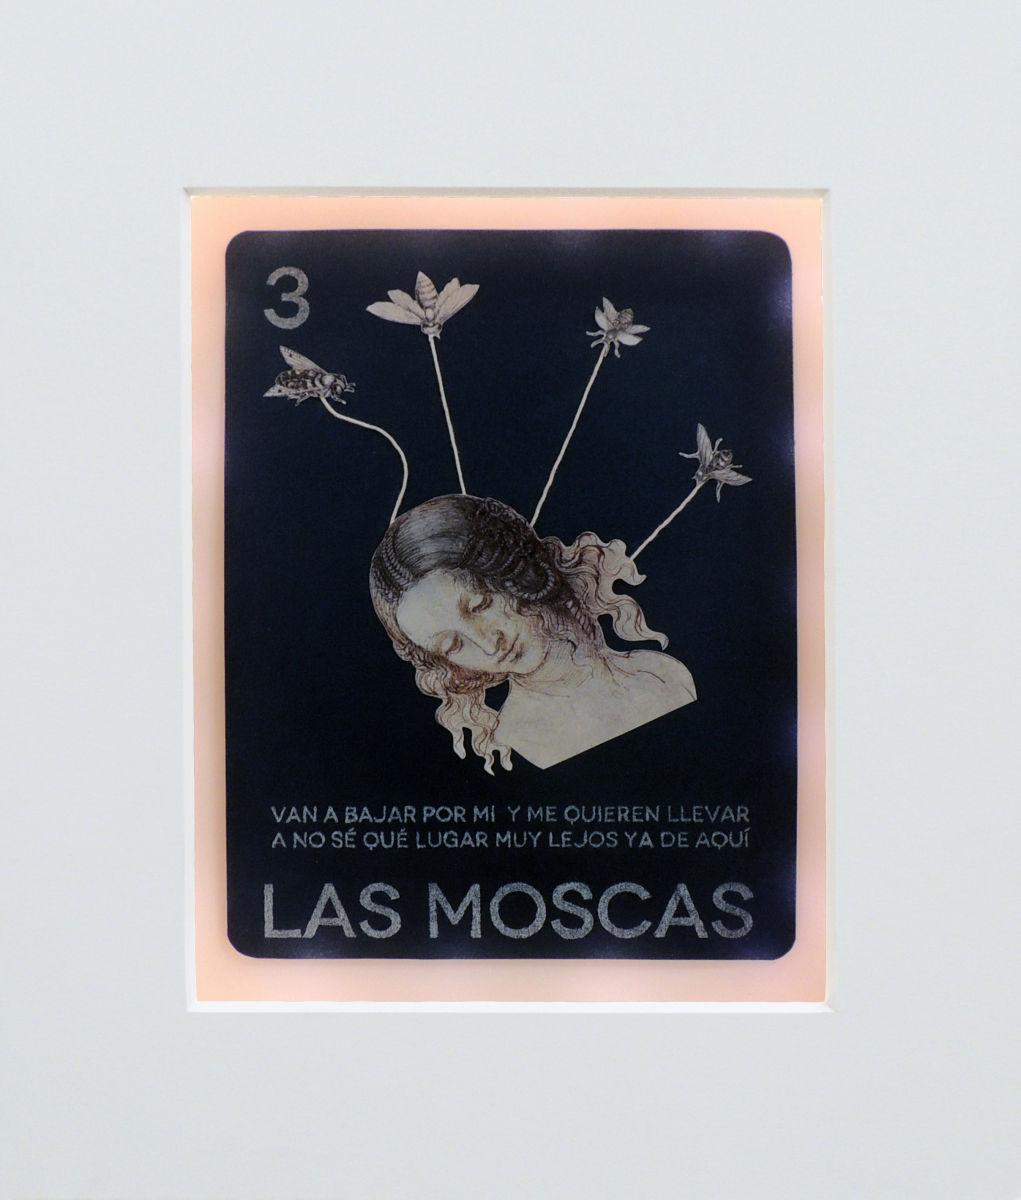 Las Moscas (The Flies)